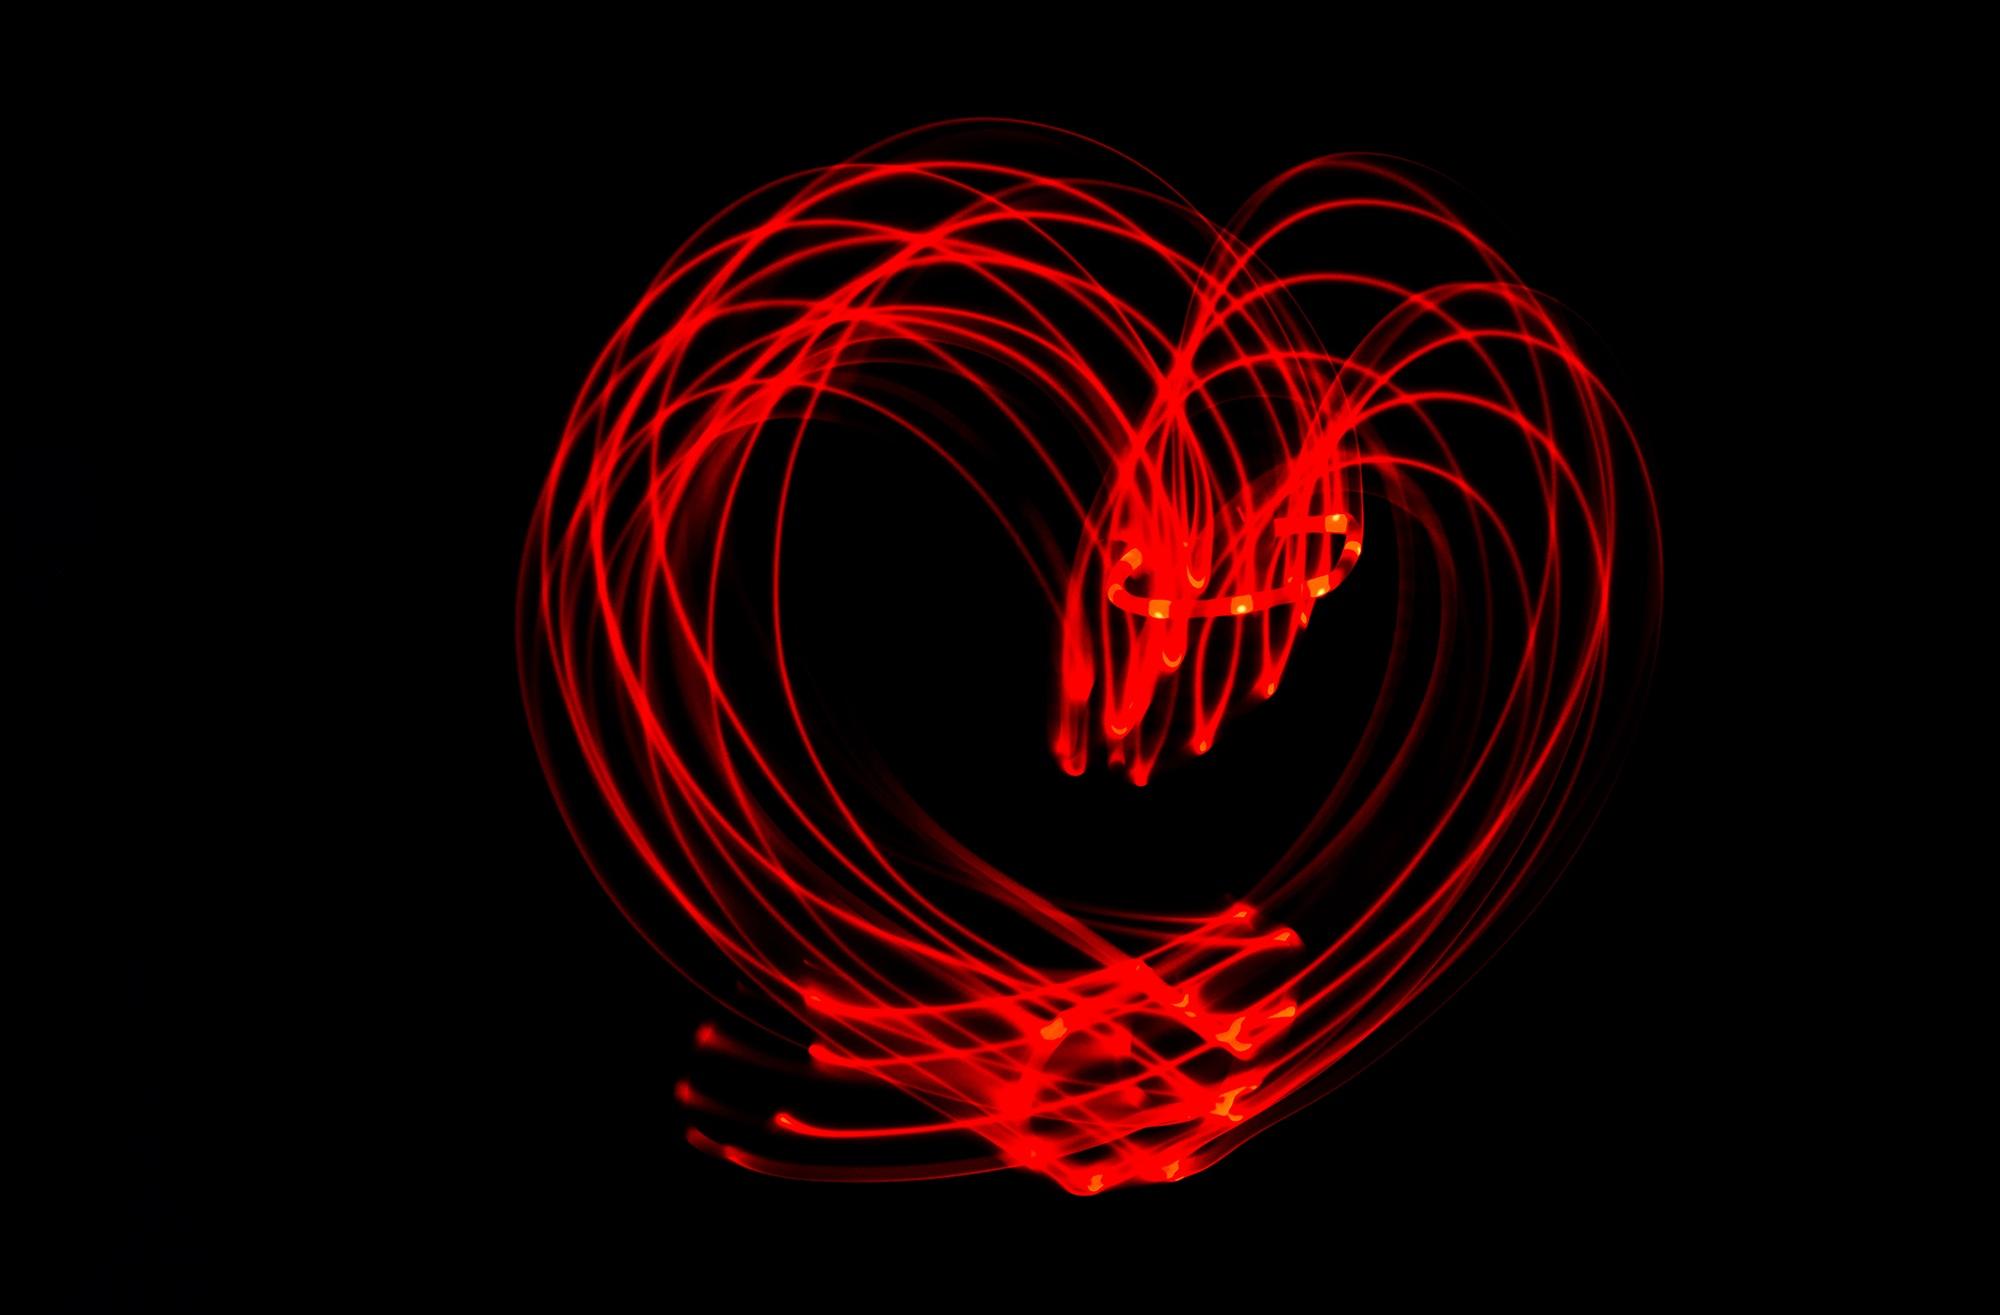 101+ Gambar Abstrak Romantis Paling Hist